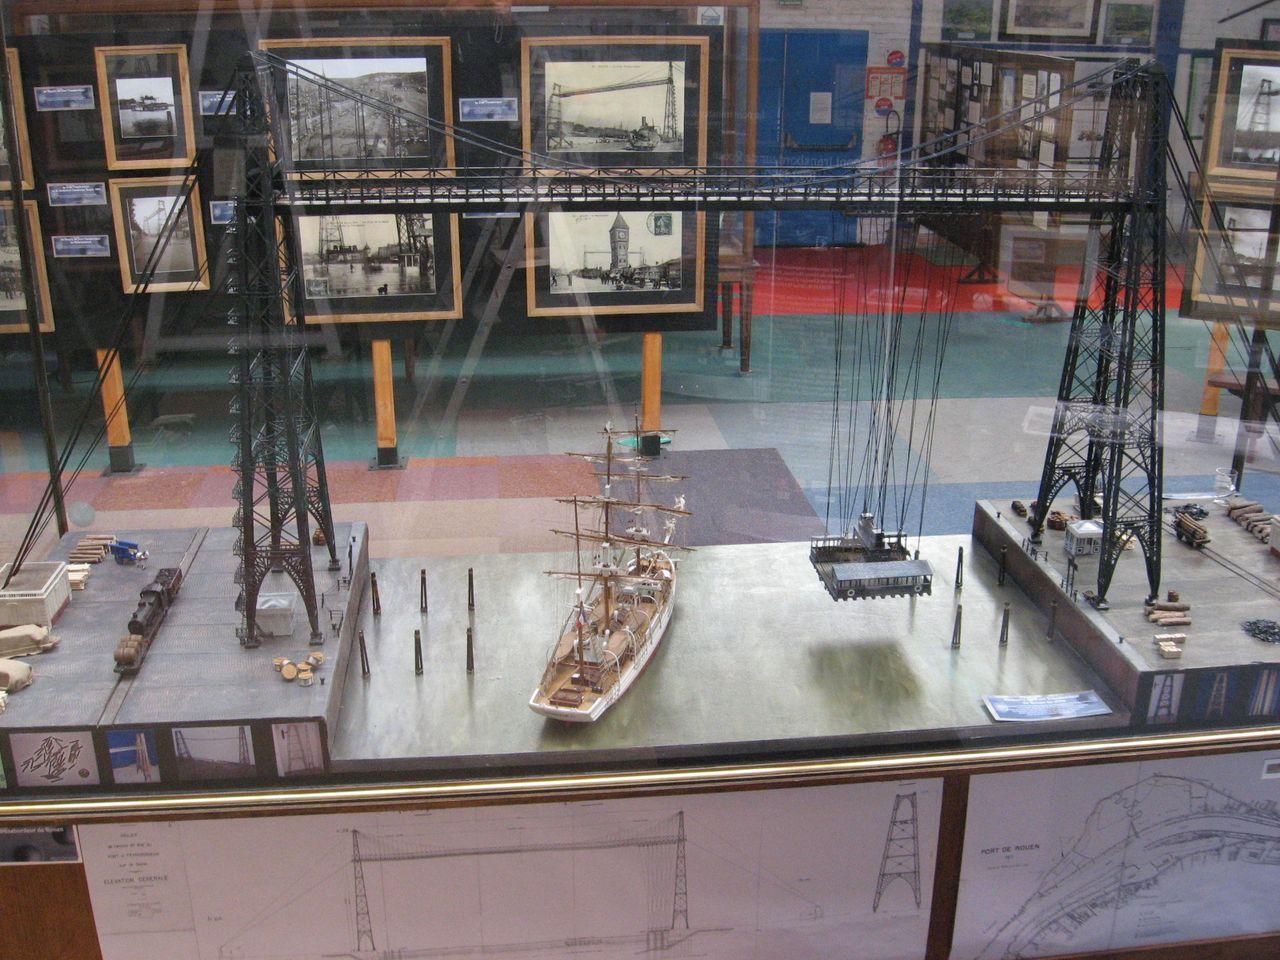 Морской, речной и портовый музей Руана. История судоходства на Сене